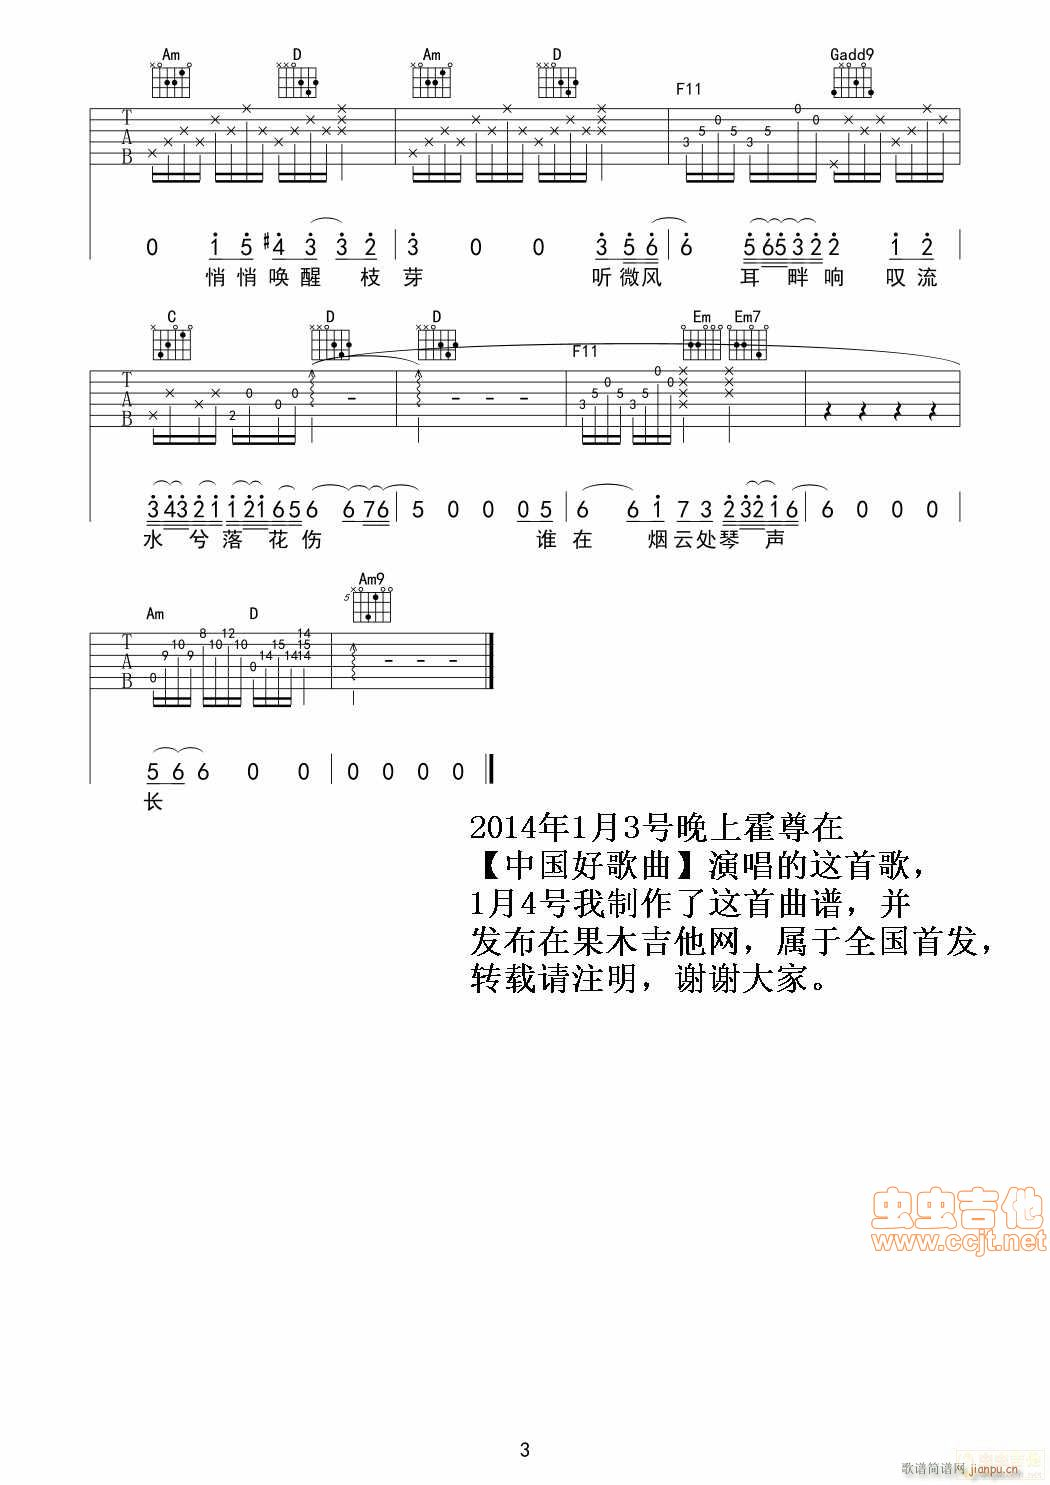 卷珠帘 中国好歌曲曲目(吉他谱)3